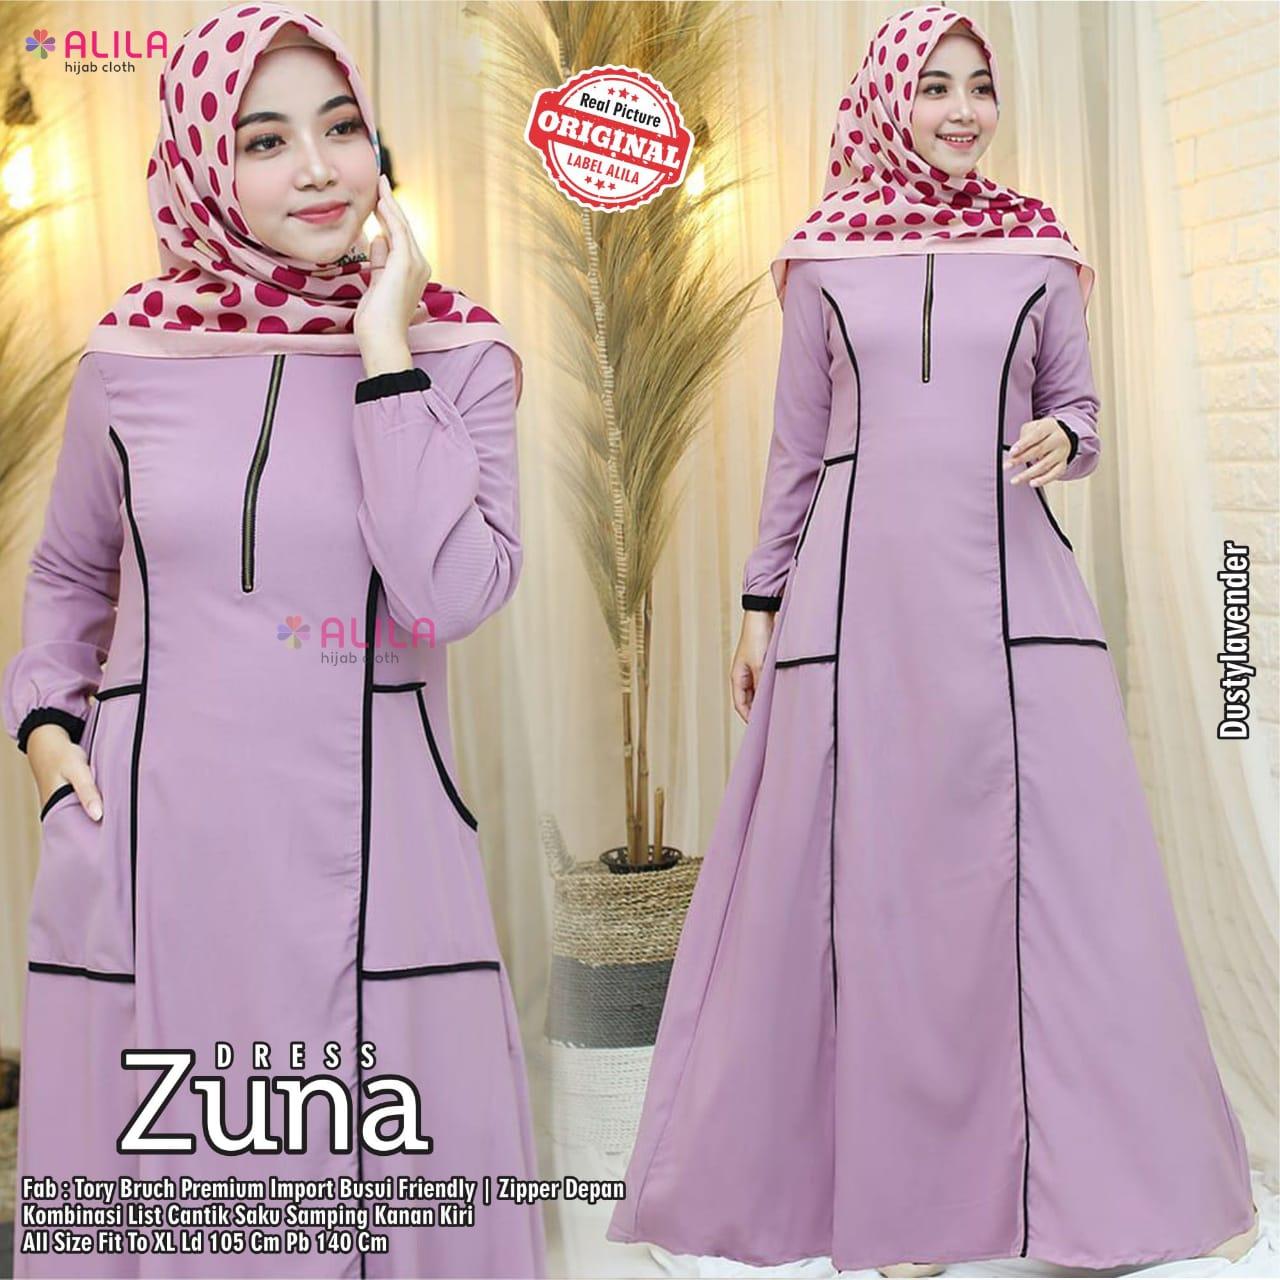 Dress Zuna Toryburch PRemium Busui  Model Gamis Terbaru 8 Untuk  RemajaModel Baju dress Panjang EleganDress Baju Muslim Wanita  TerbaruSketsa